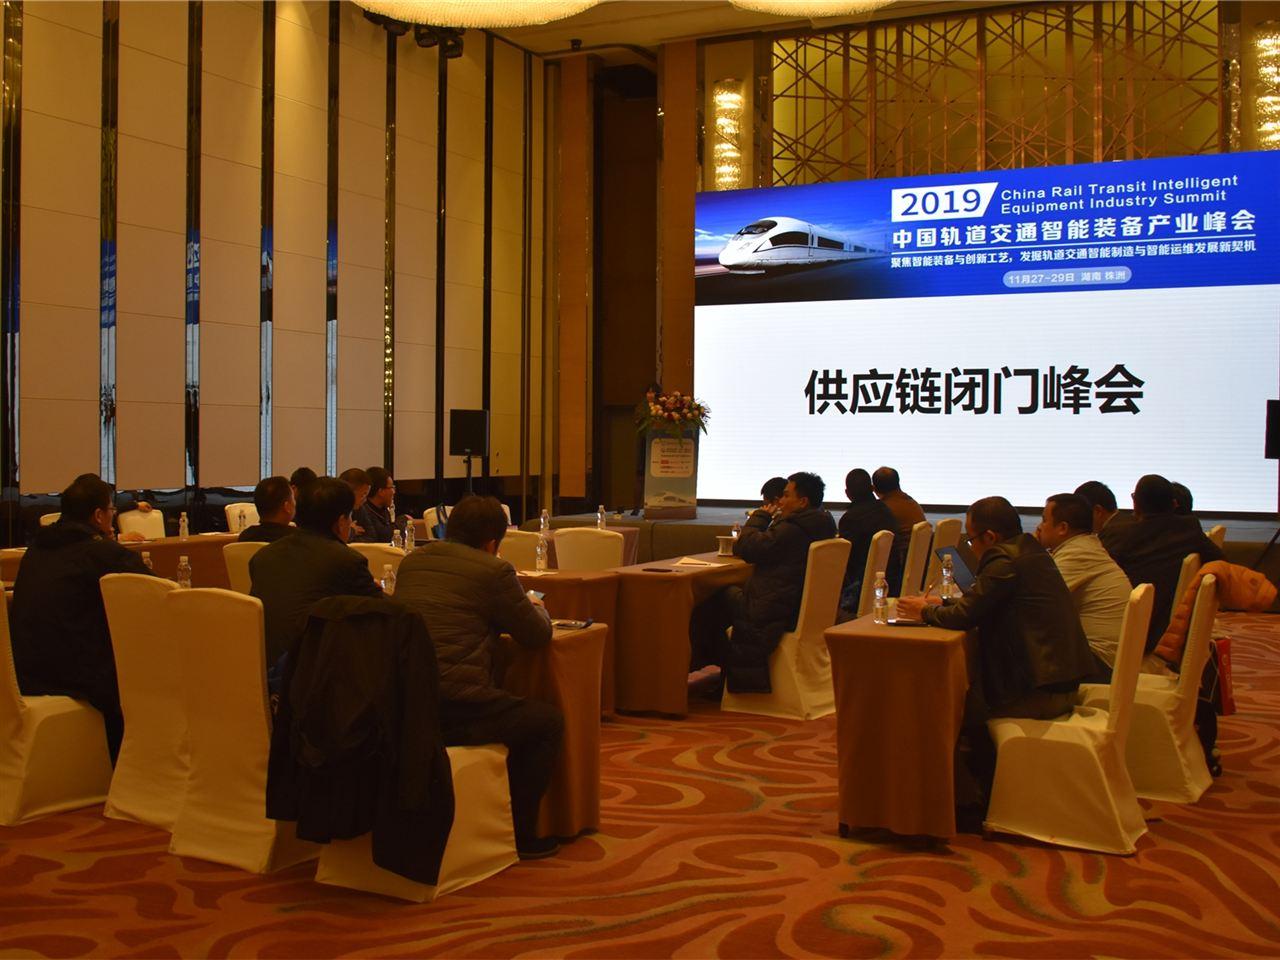 2019 中国轨道交通智能装备产业峰会圆满结束